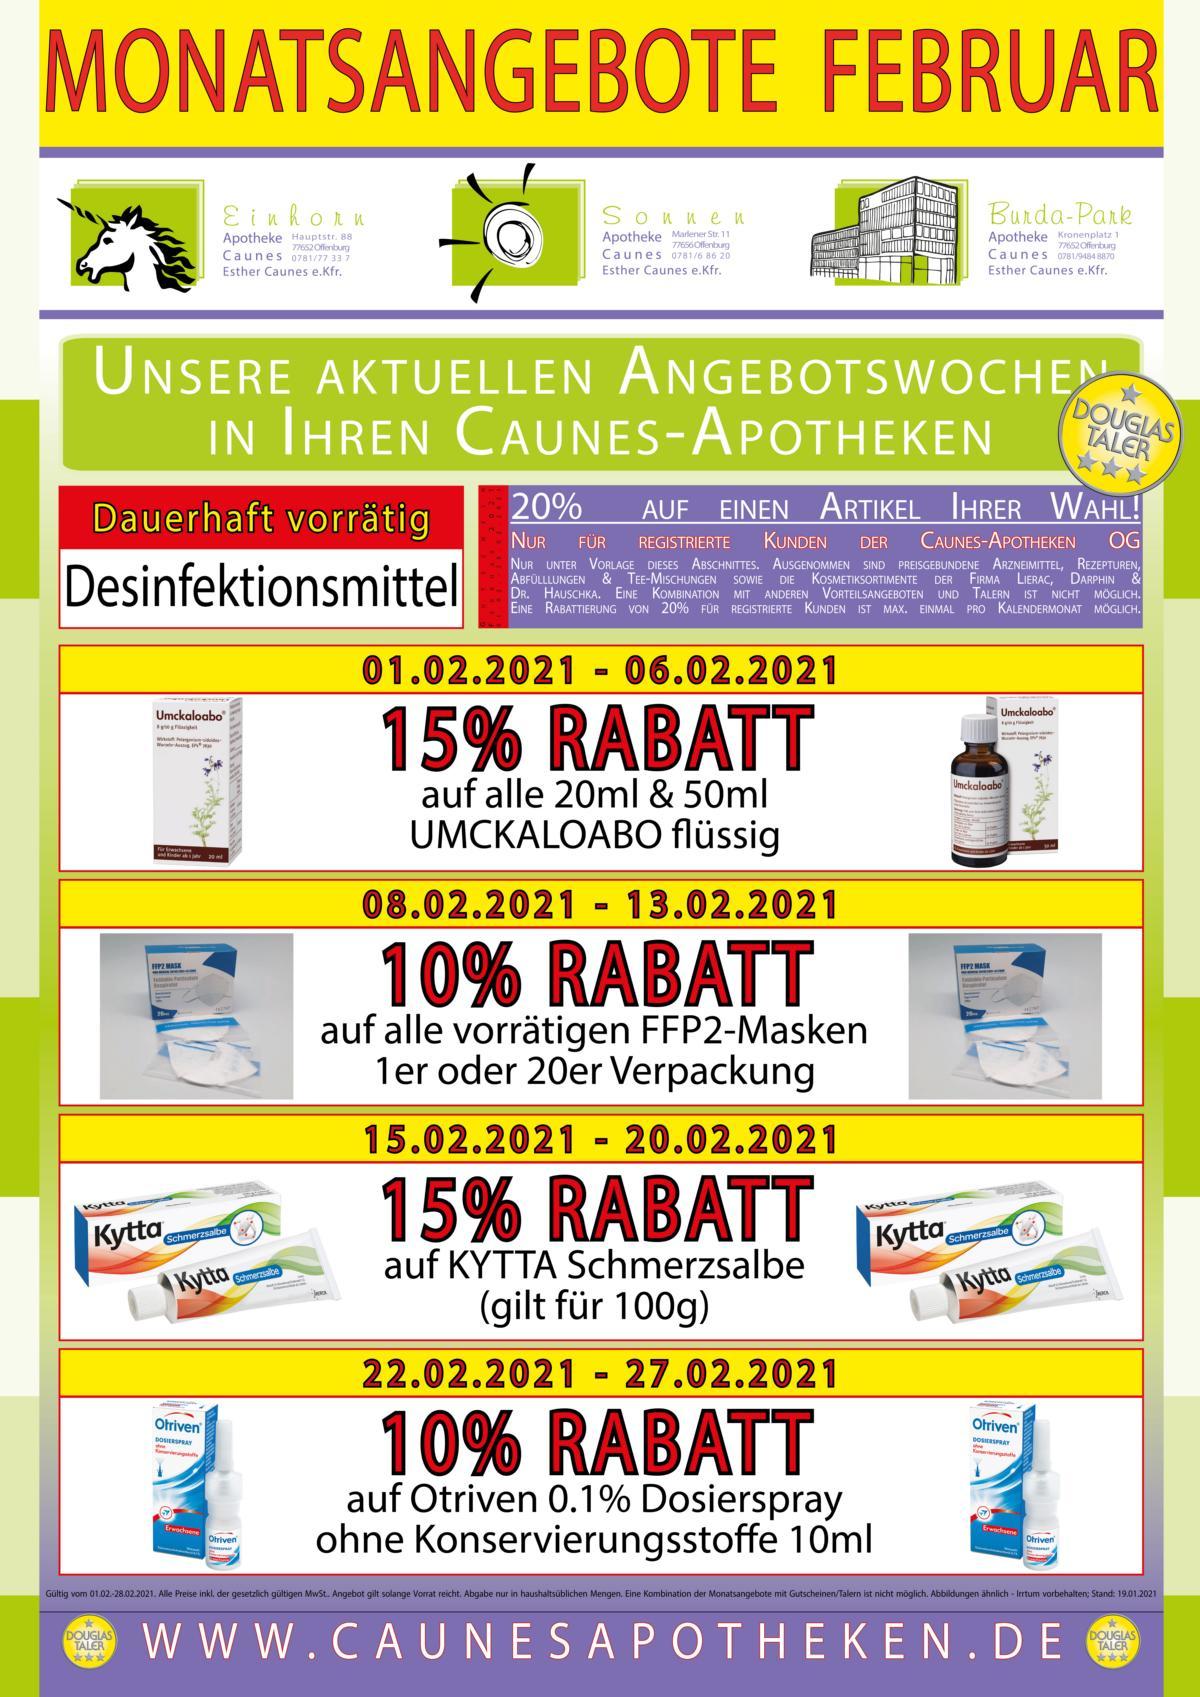 Monatsangebote Teil 1 - Gehwegreiter Plakat DIN-A4 19% - 2021-02 - Offenburg